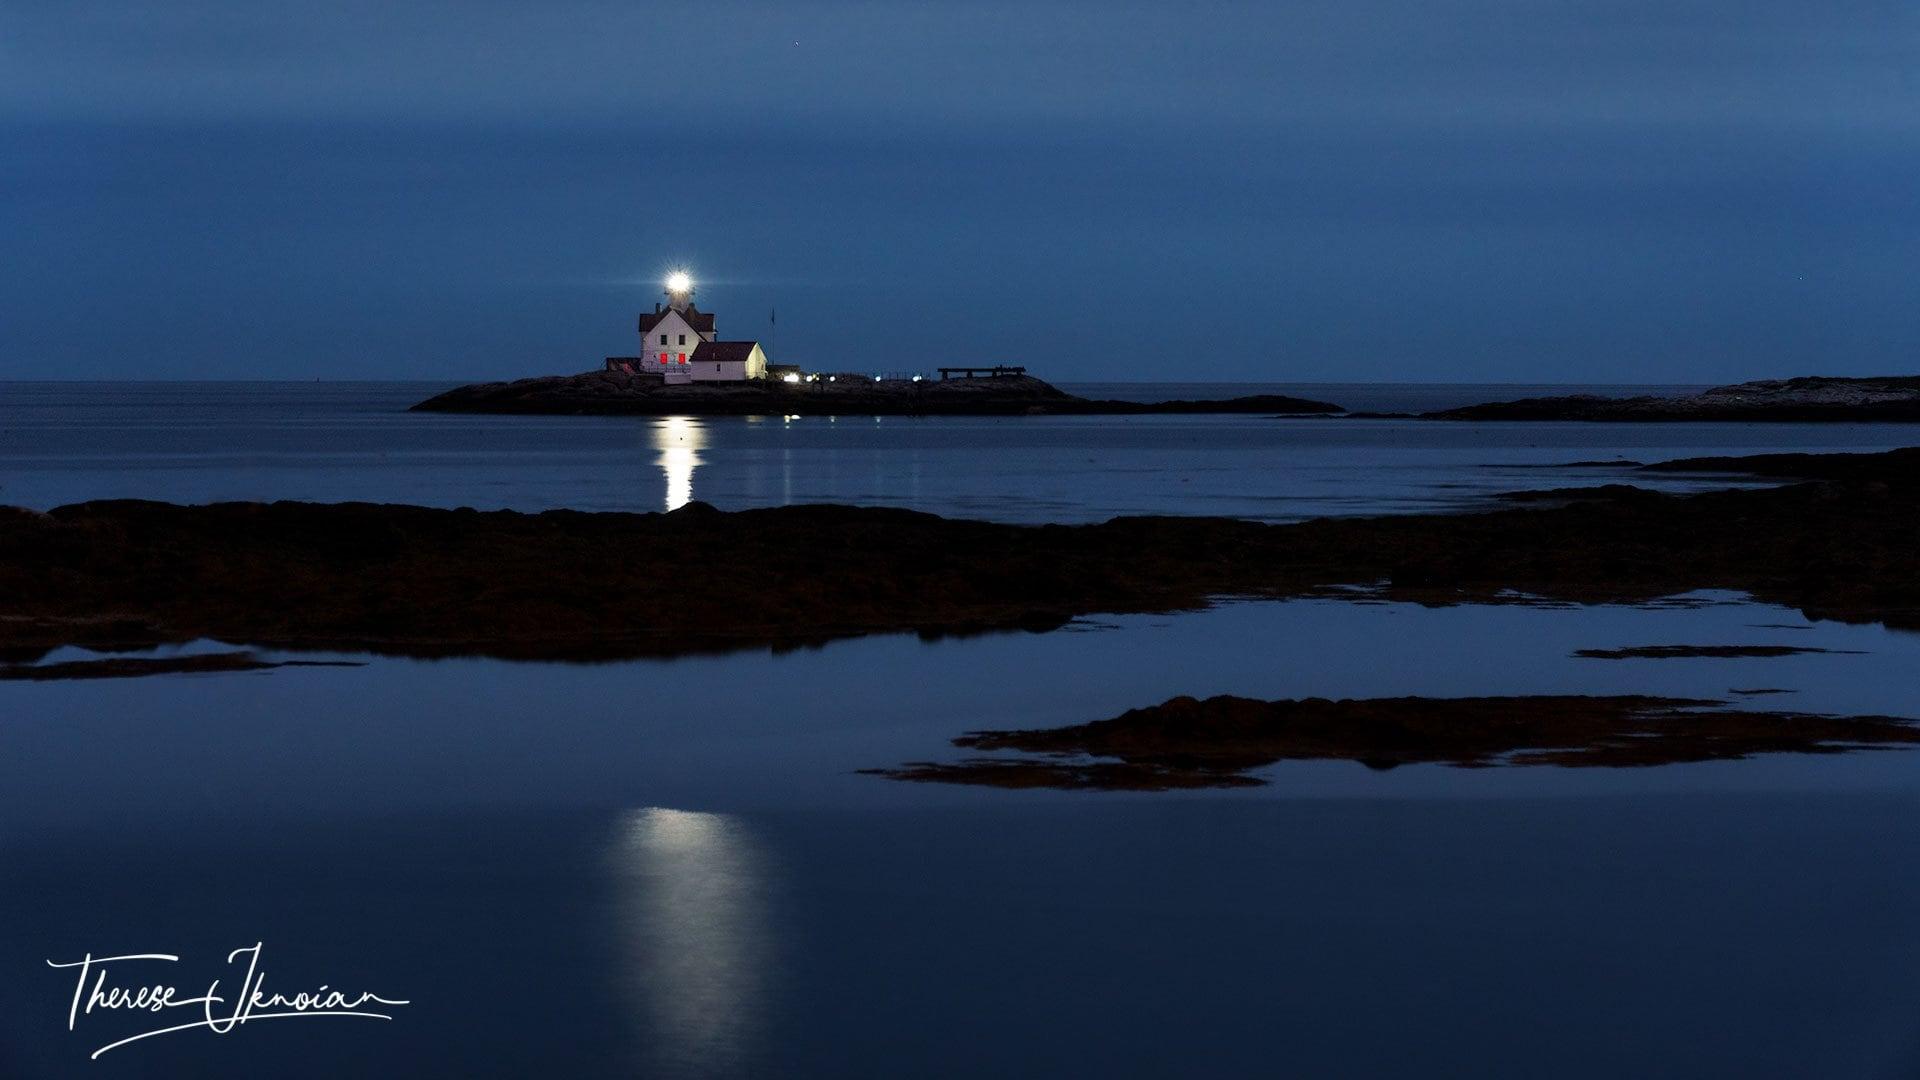 Cuckolds Lighthouse Midcoast Maine Lighthouse Tour